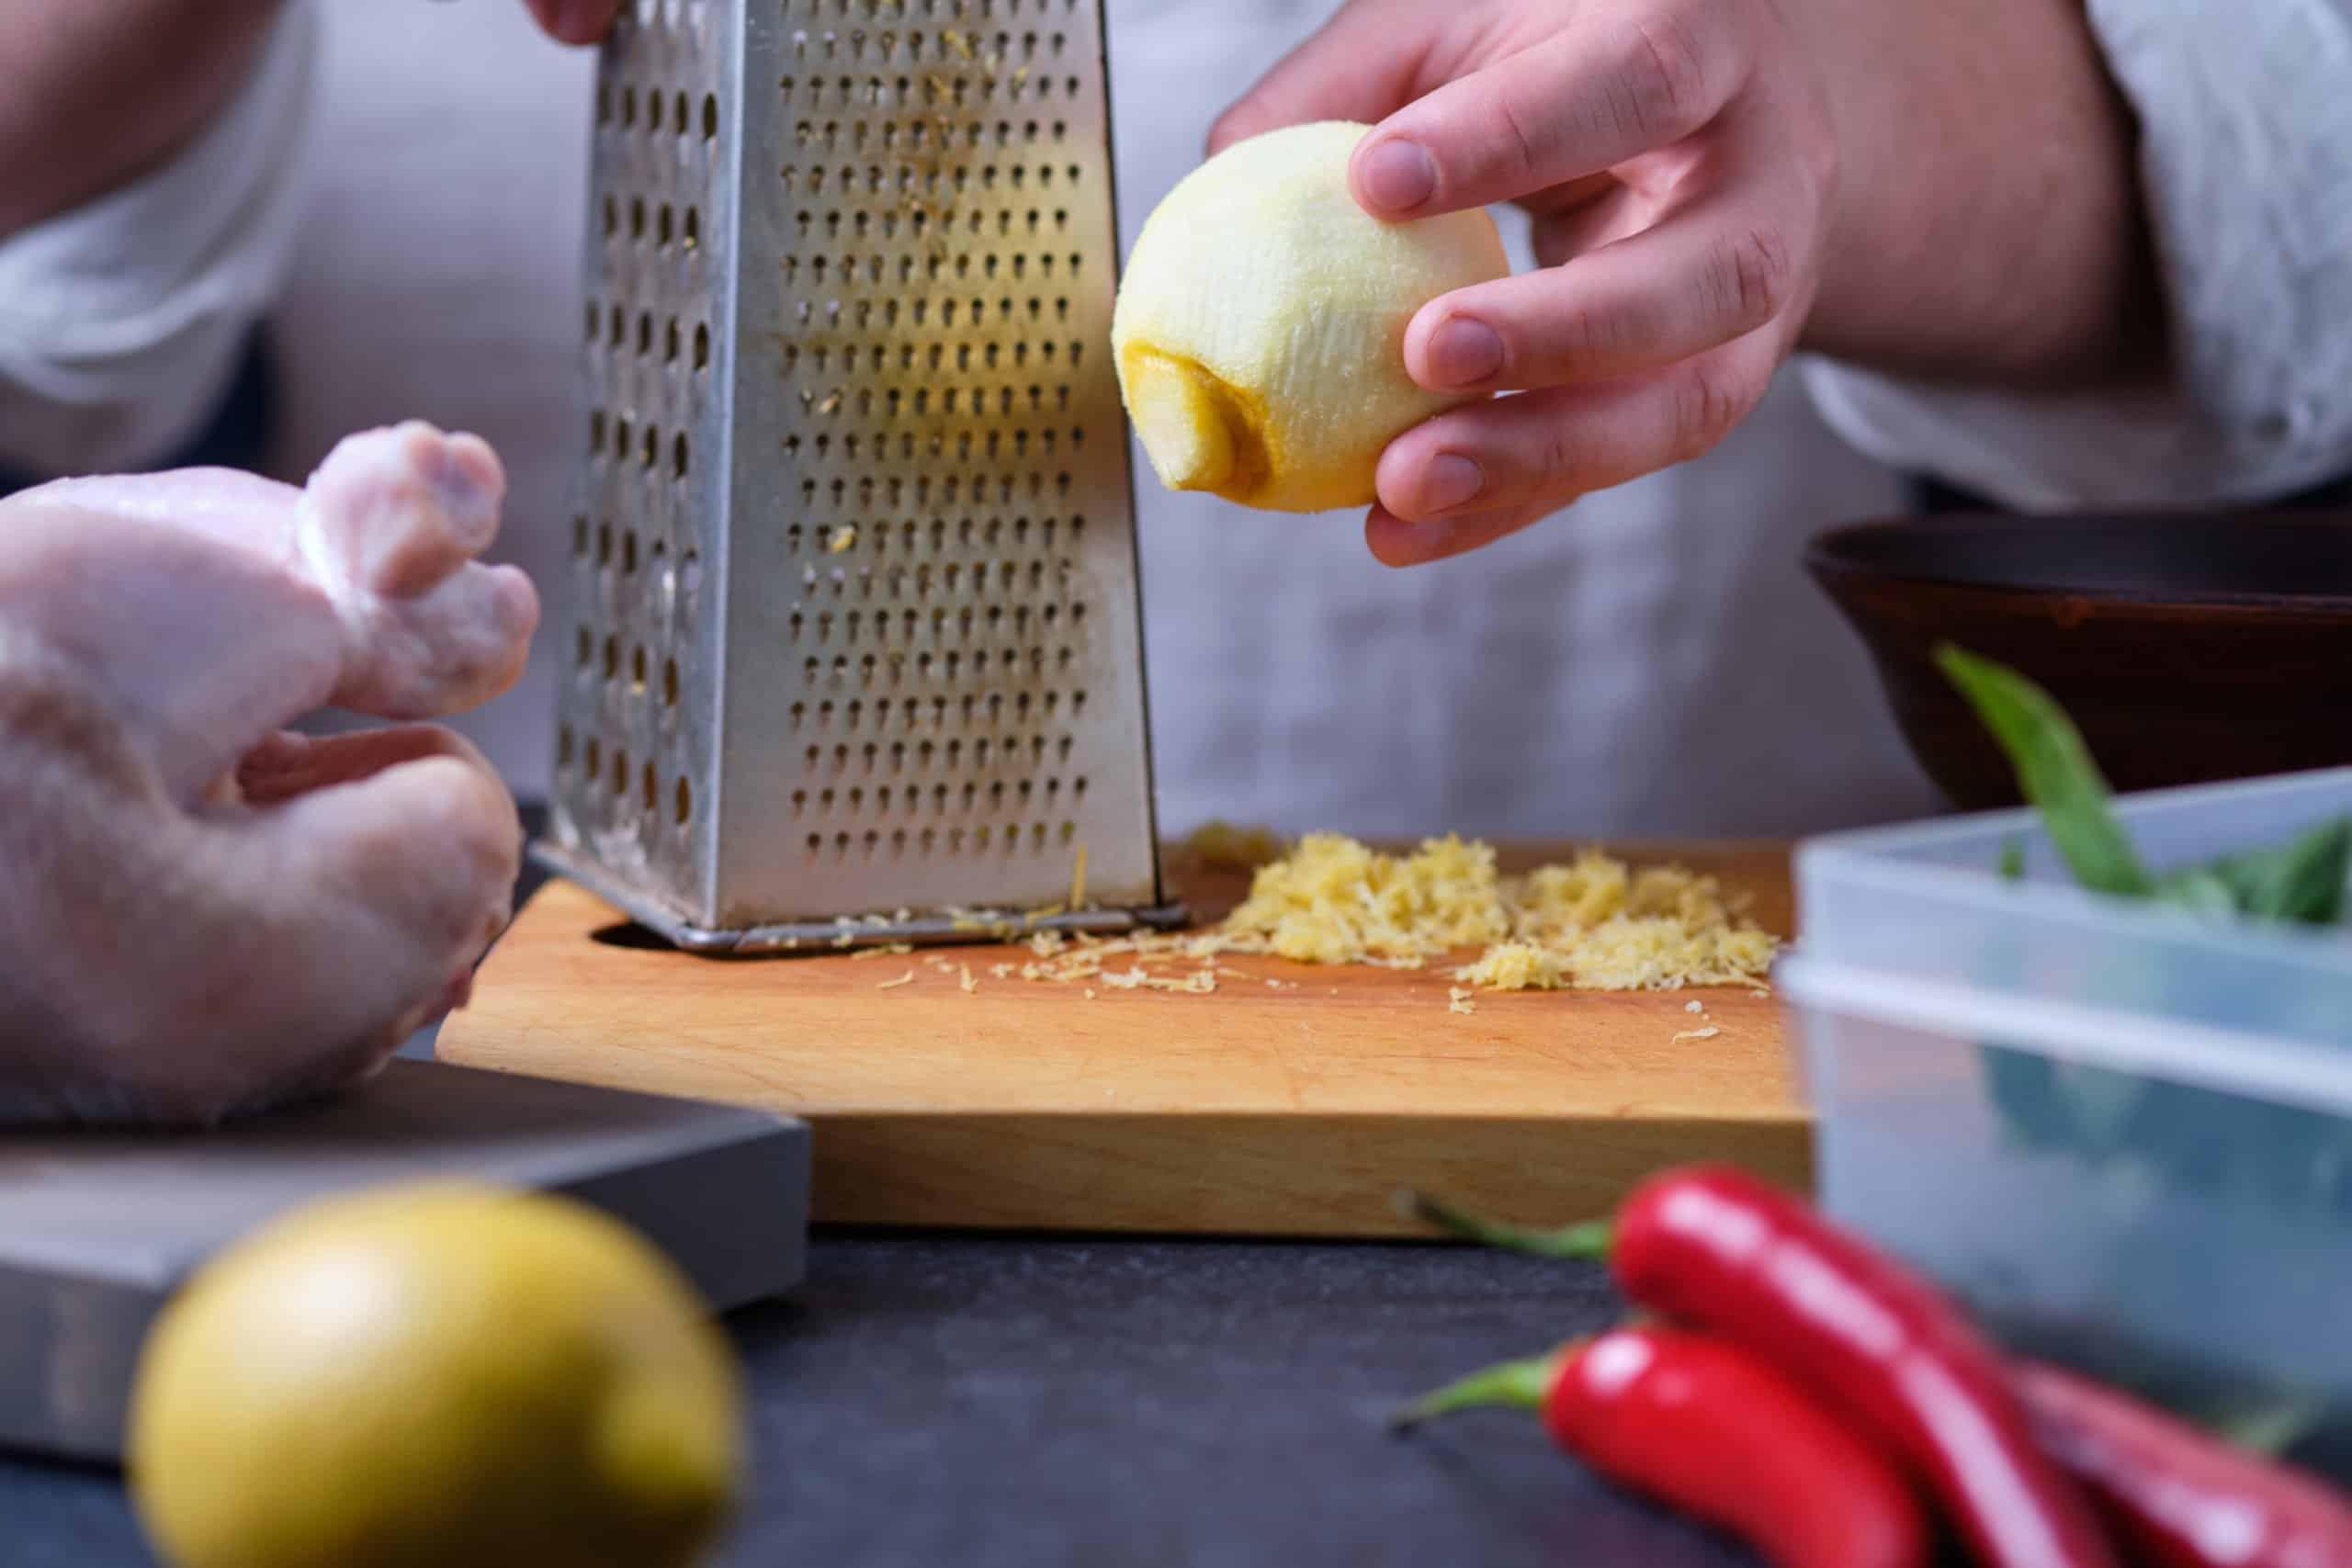 Zitrone reiben mit einer Zitronenreibe